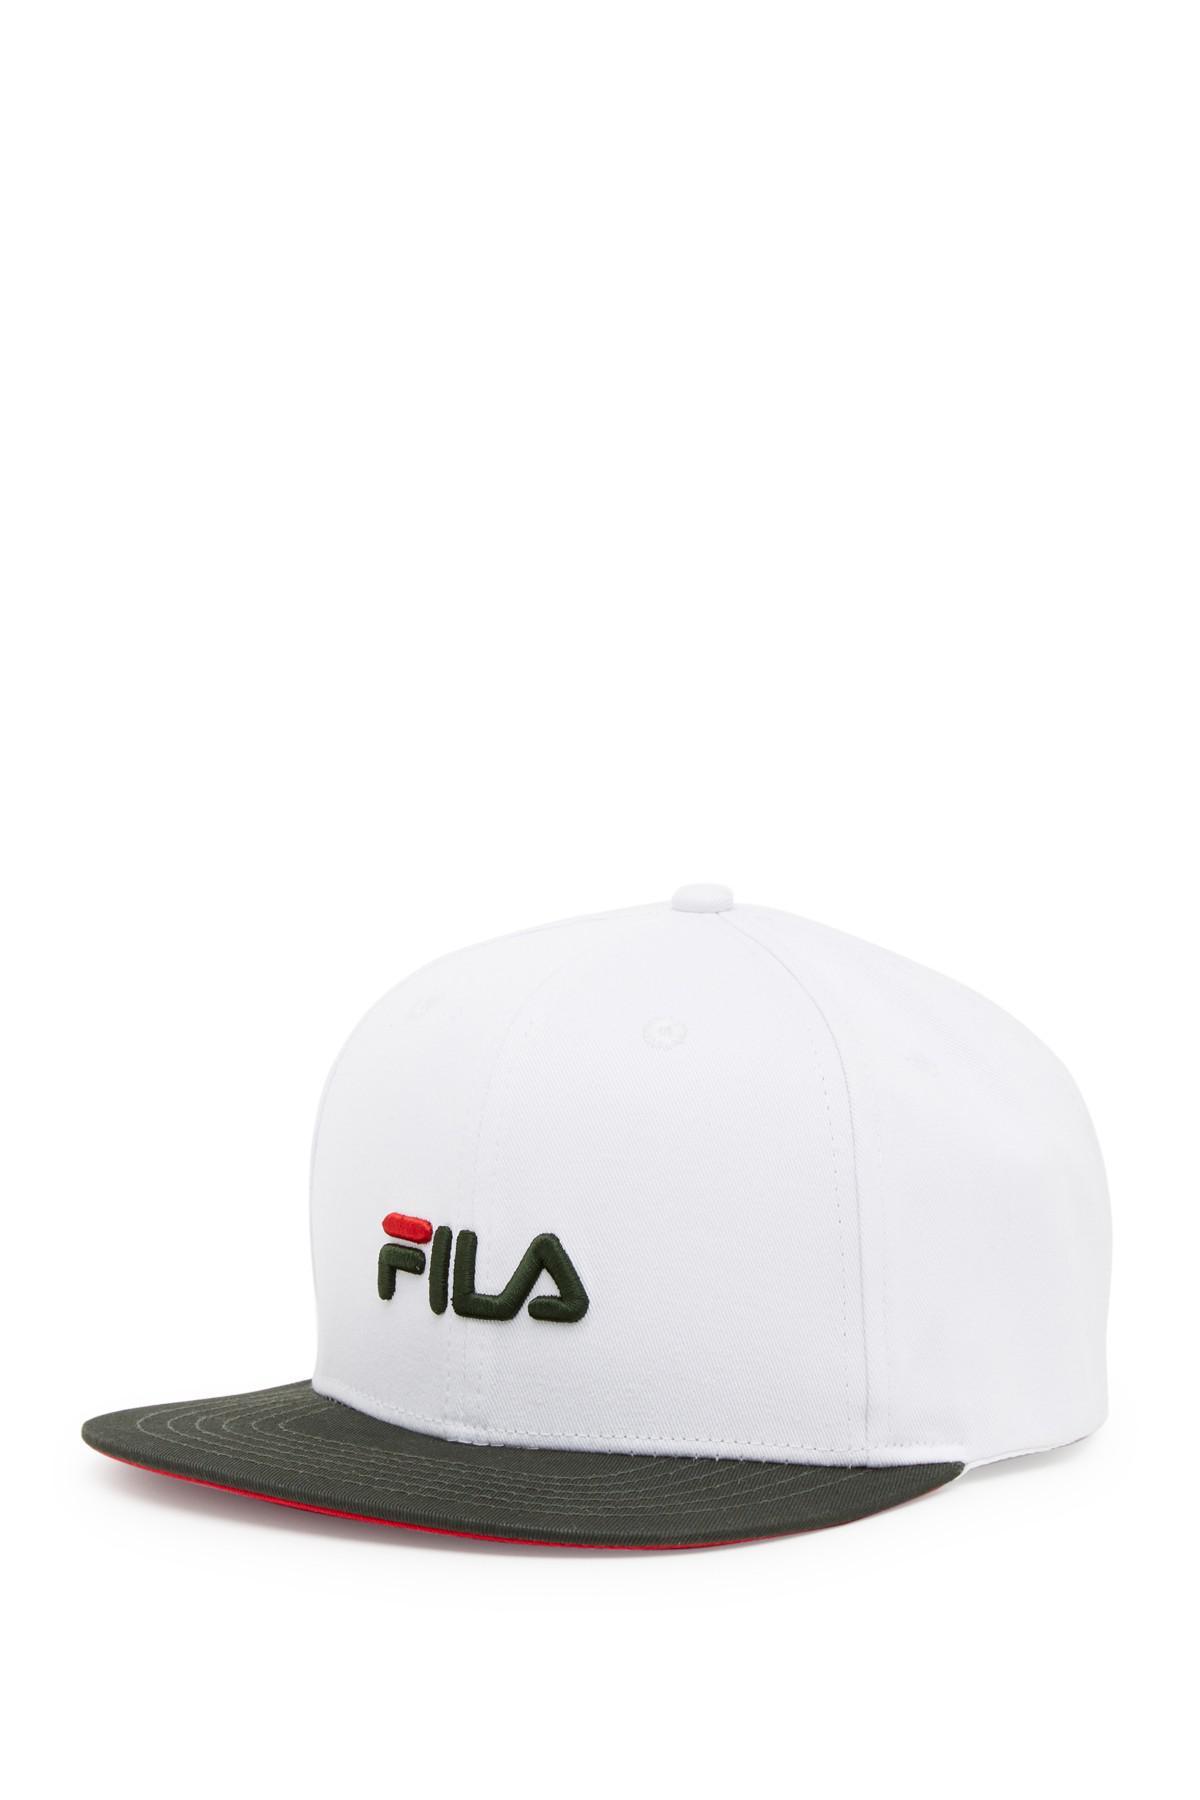 7cfe66a3d27 Lyst - Fila Heritage Flat Brim Flexfit Baseball Cap in White for Men